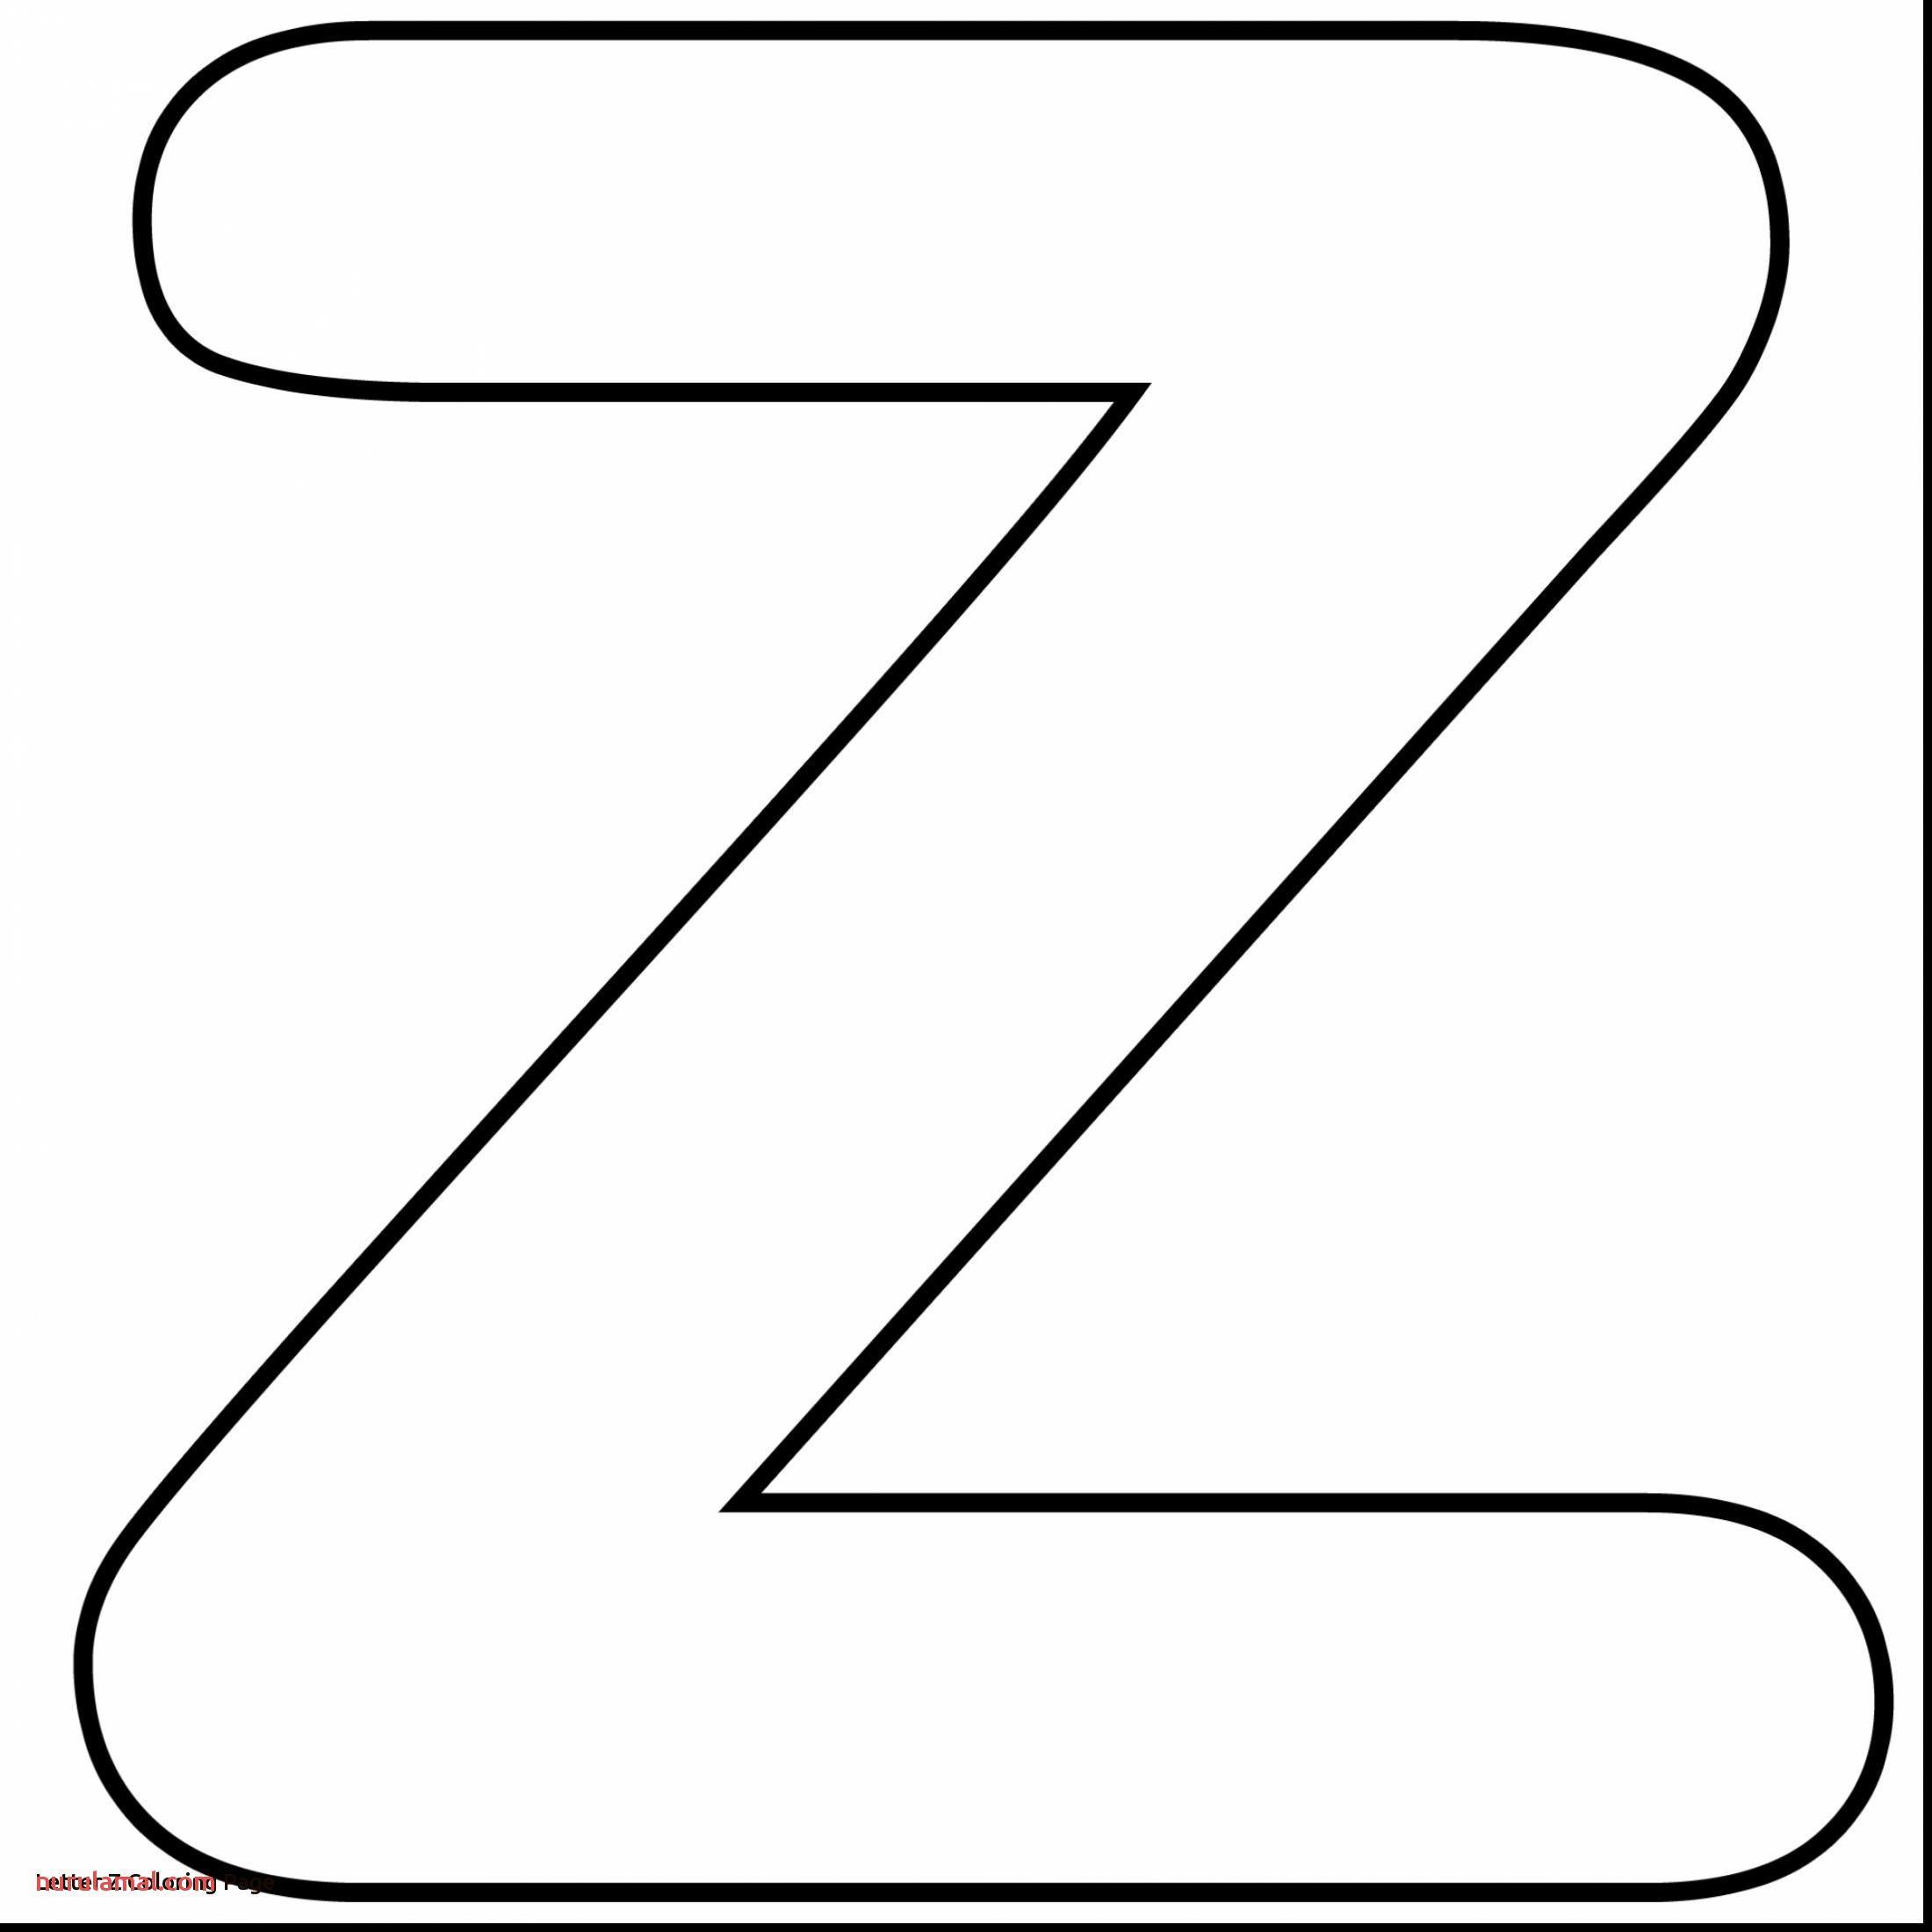 Letter Z Worksheets Printable Printable Banner Letters Free Printable Letters Free Printable Banner Letters [ 2200 x 2200 Pixel ]